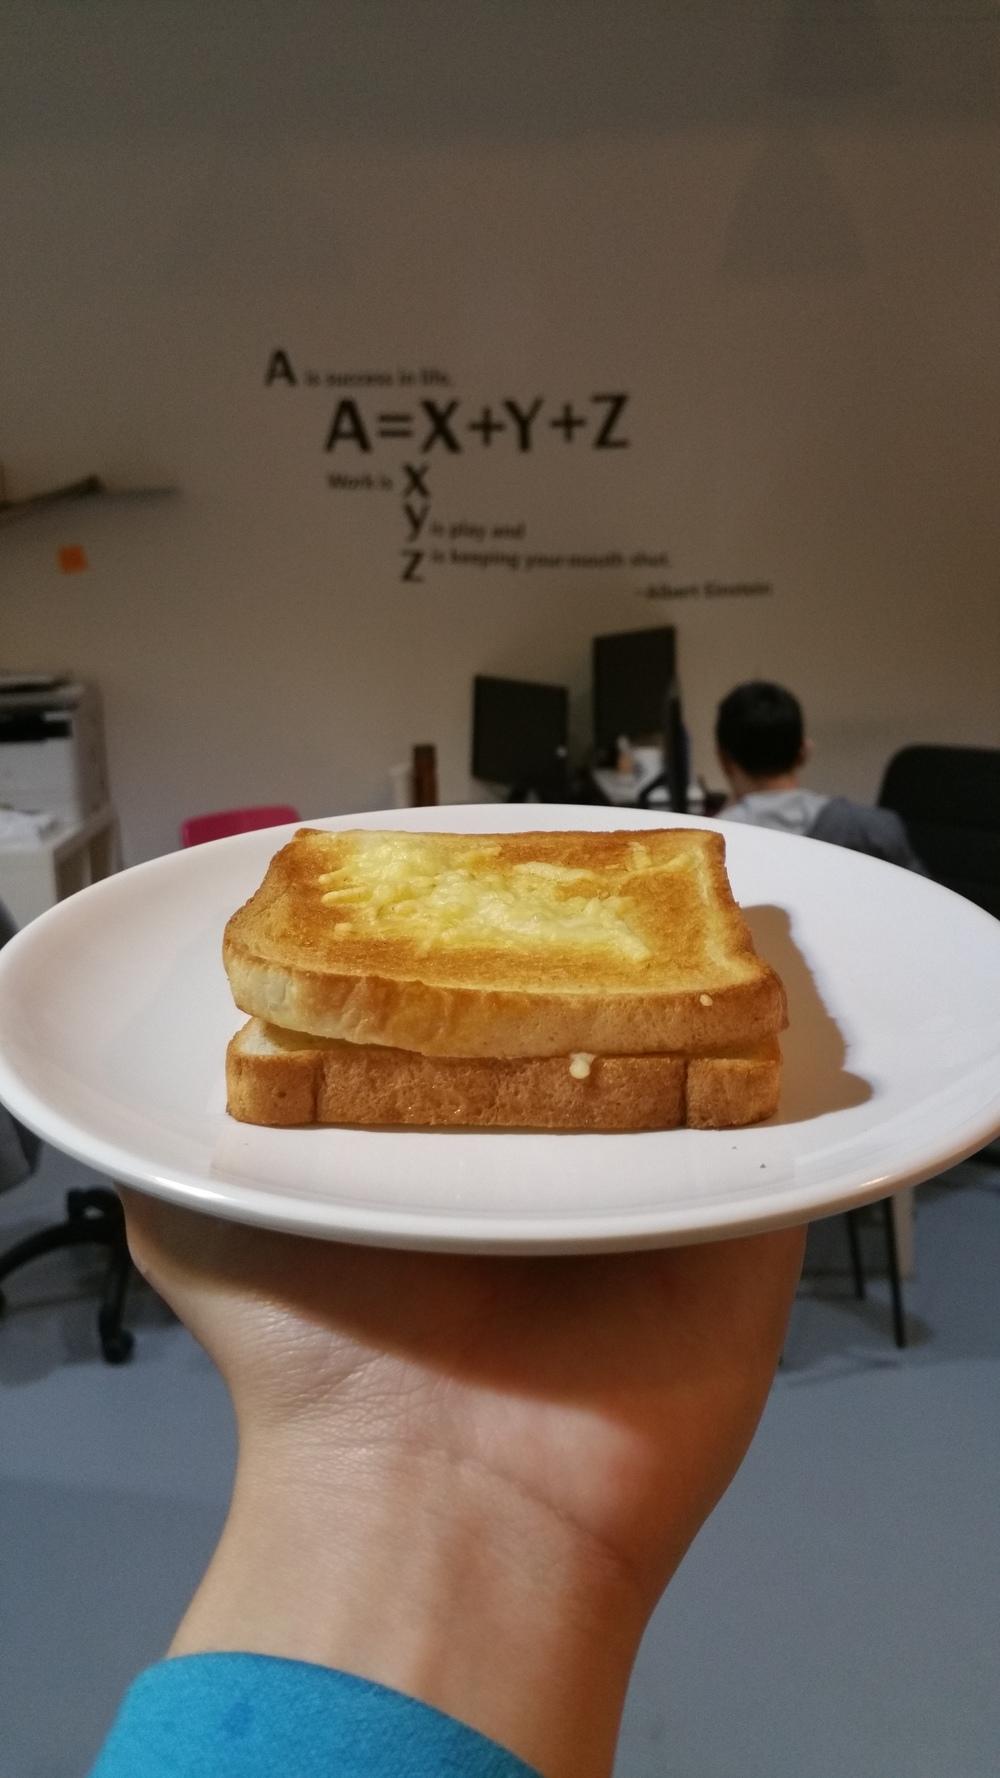 Tada! Yummy Grilled cheese sandwich!